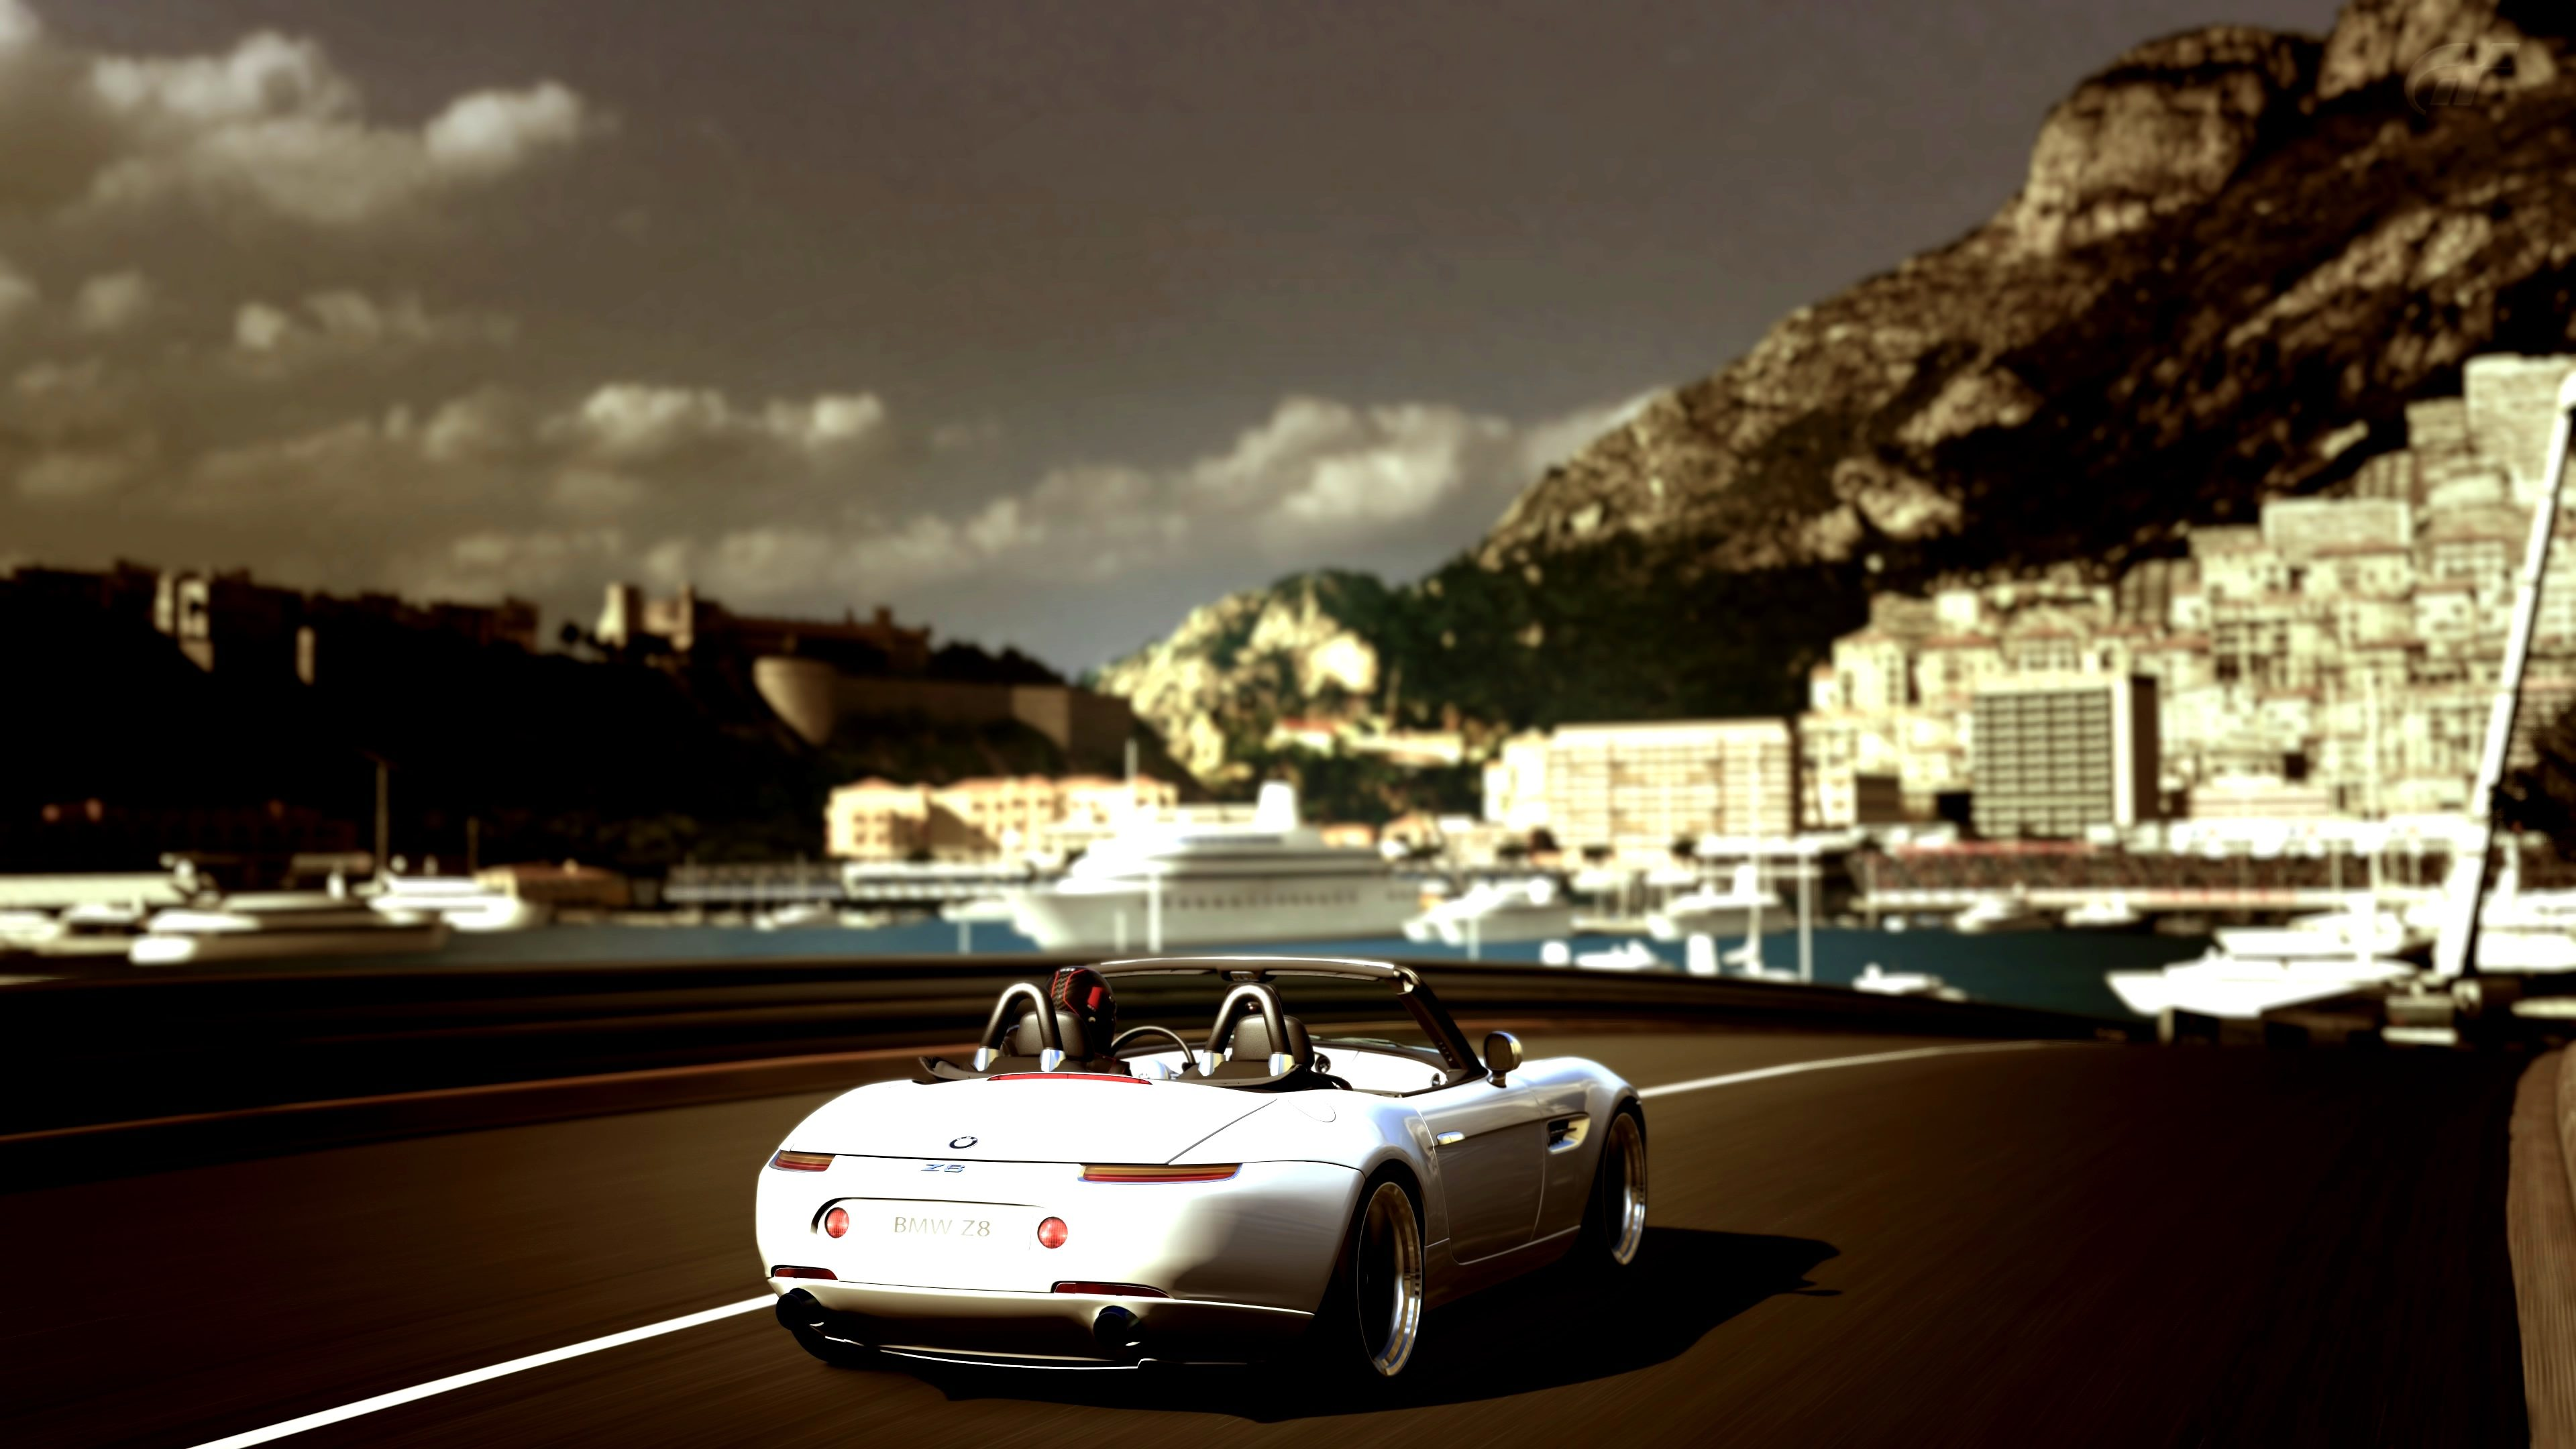 Z8 Monaco.jpg